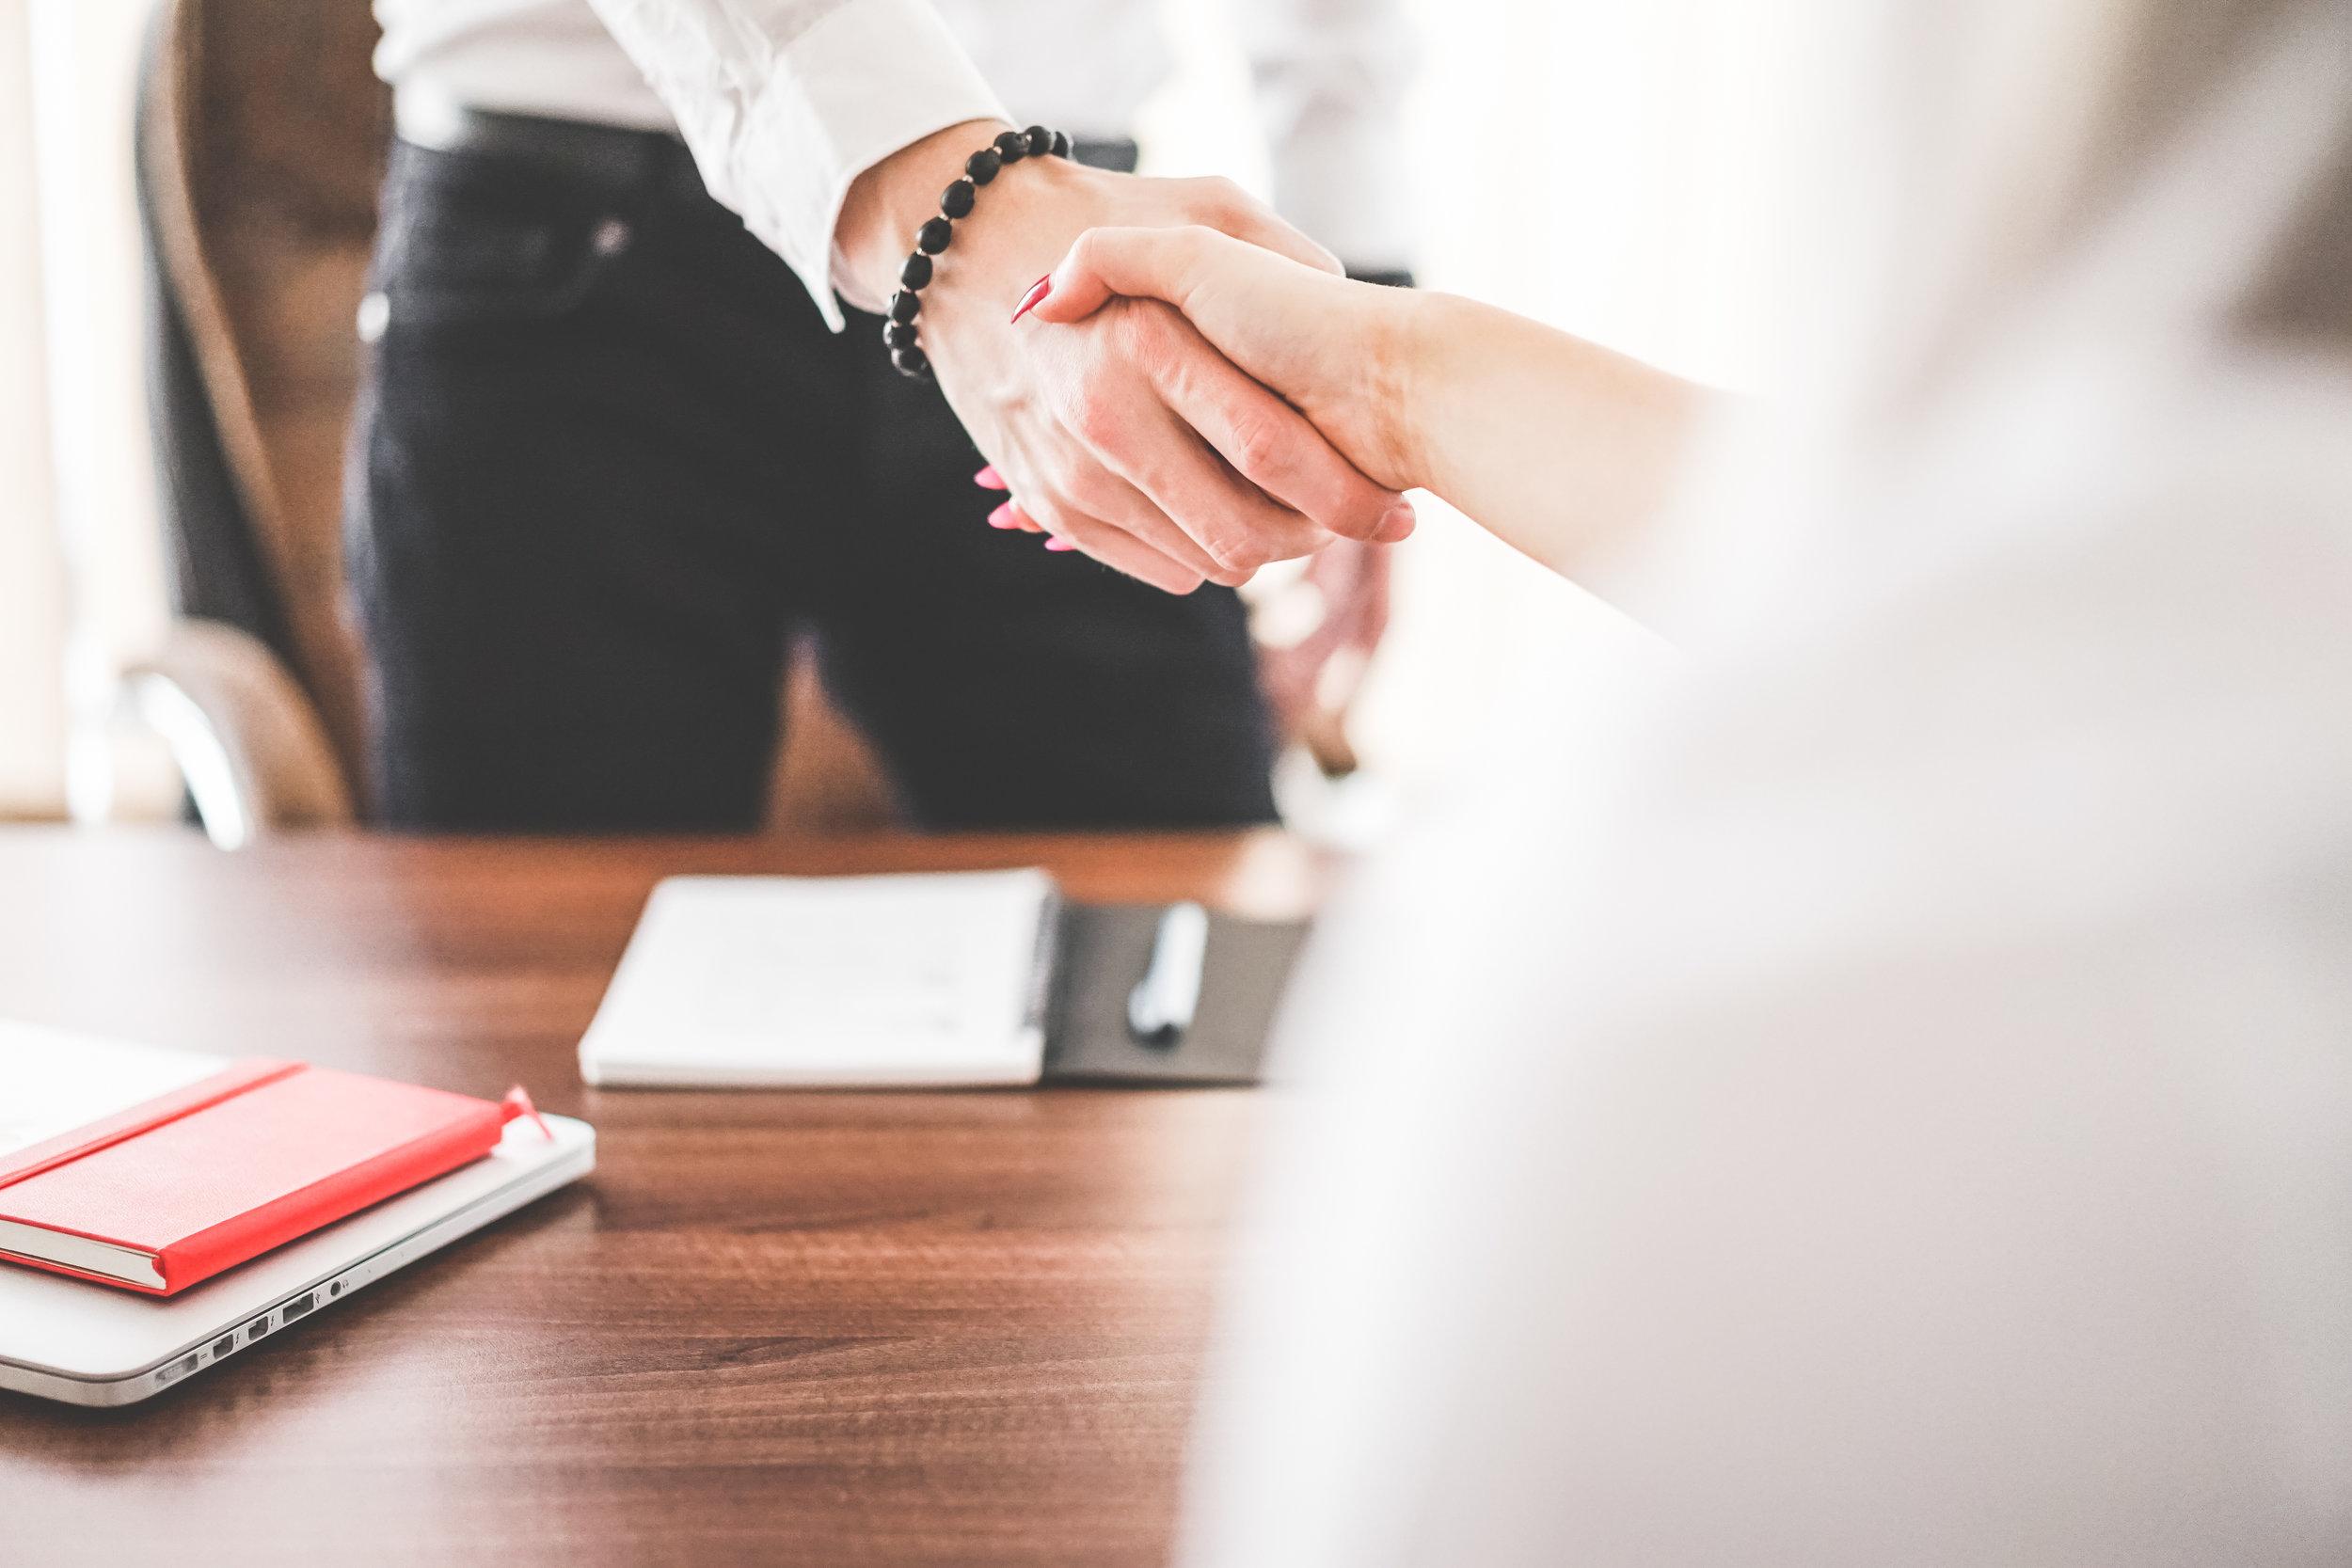 business-man-and-woman-handshake-in-work-office-picjumbo-com.jpg